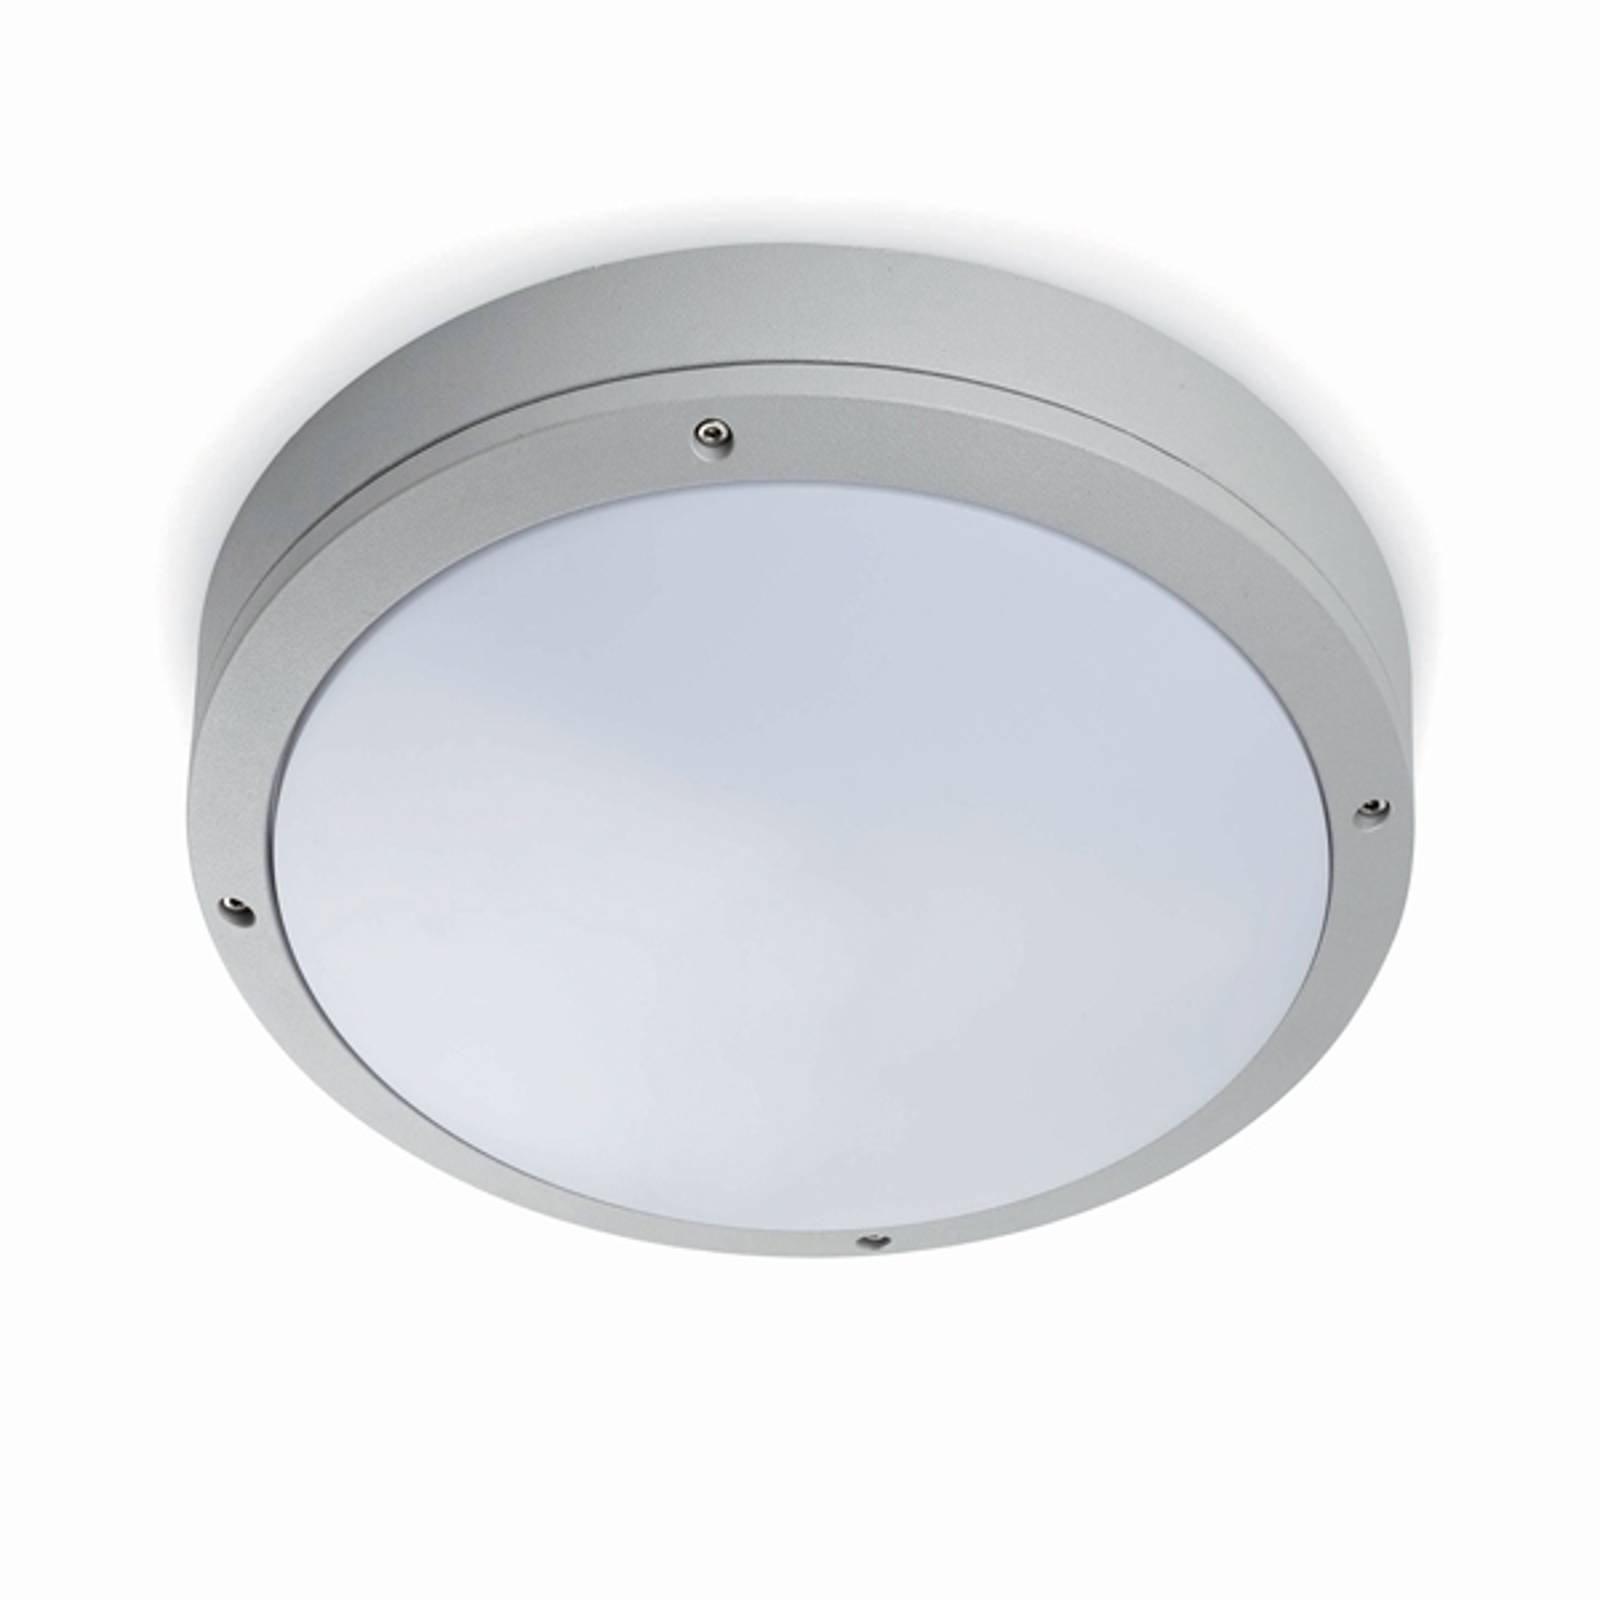 Enkle Yen utendørs taklampe